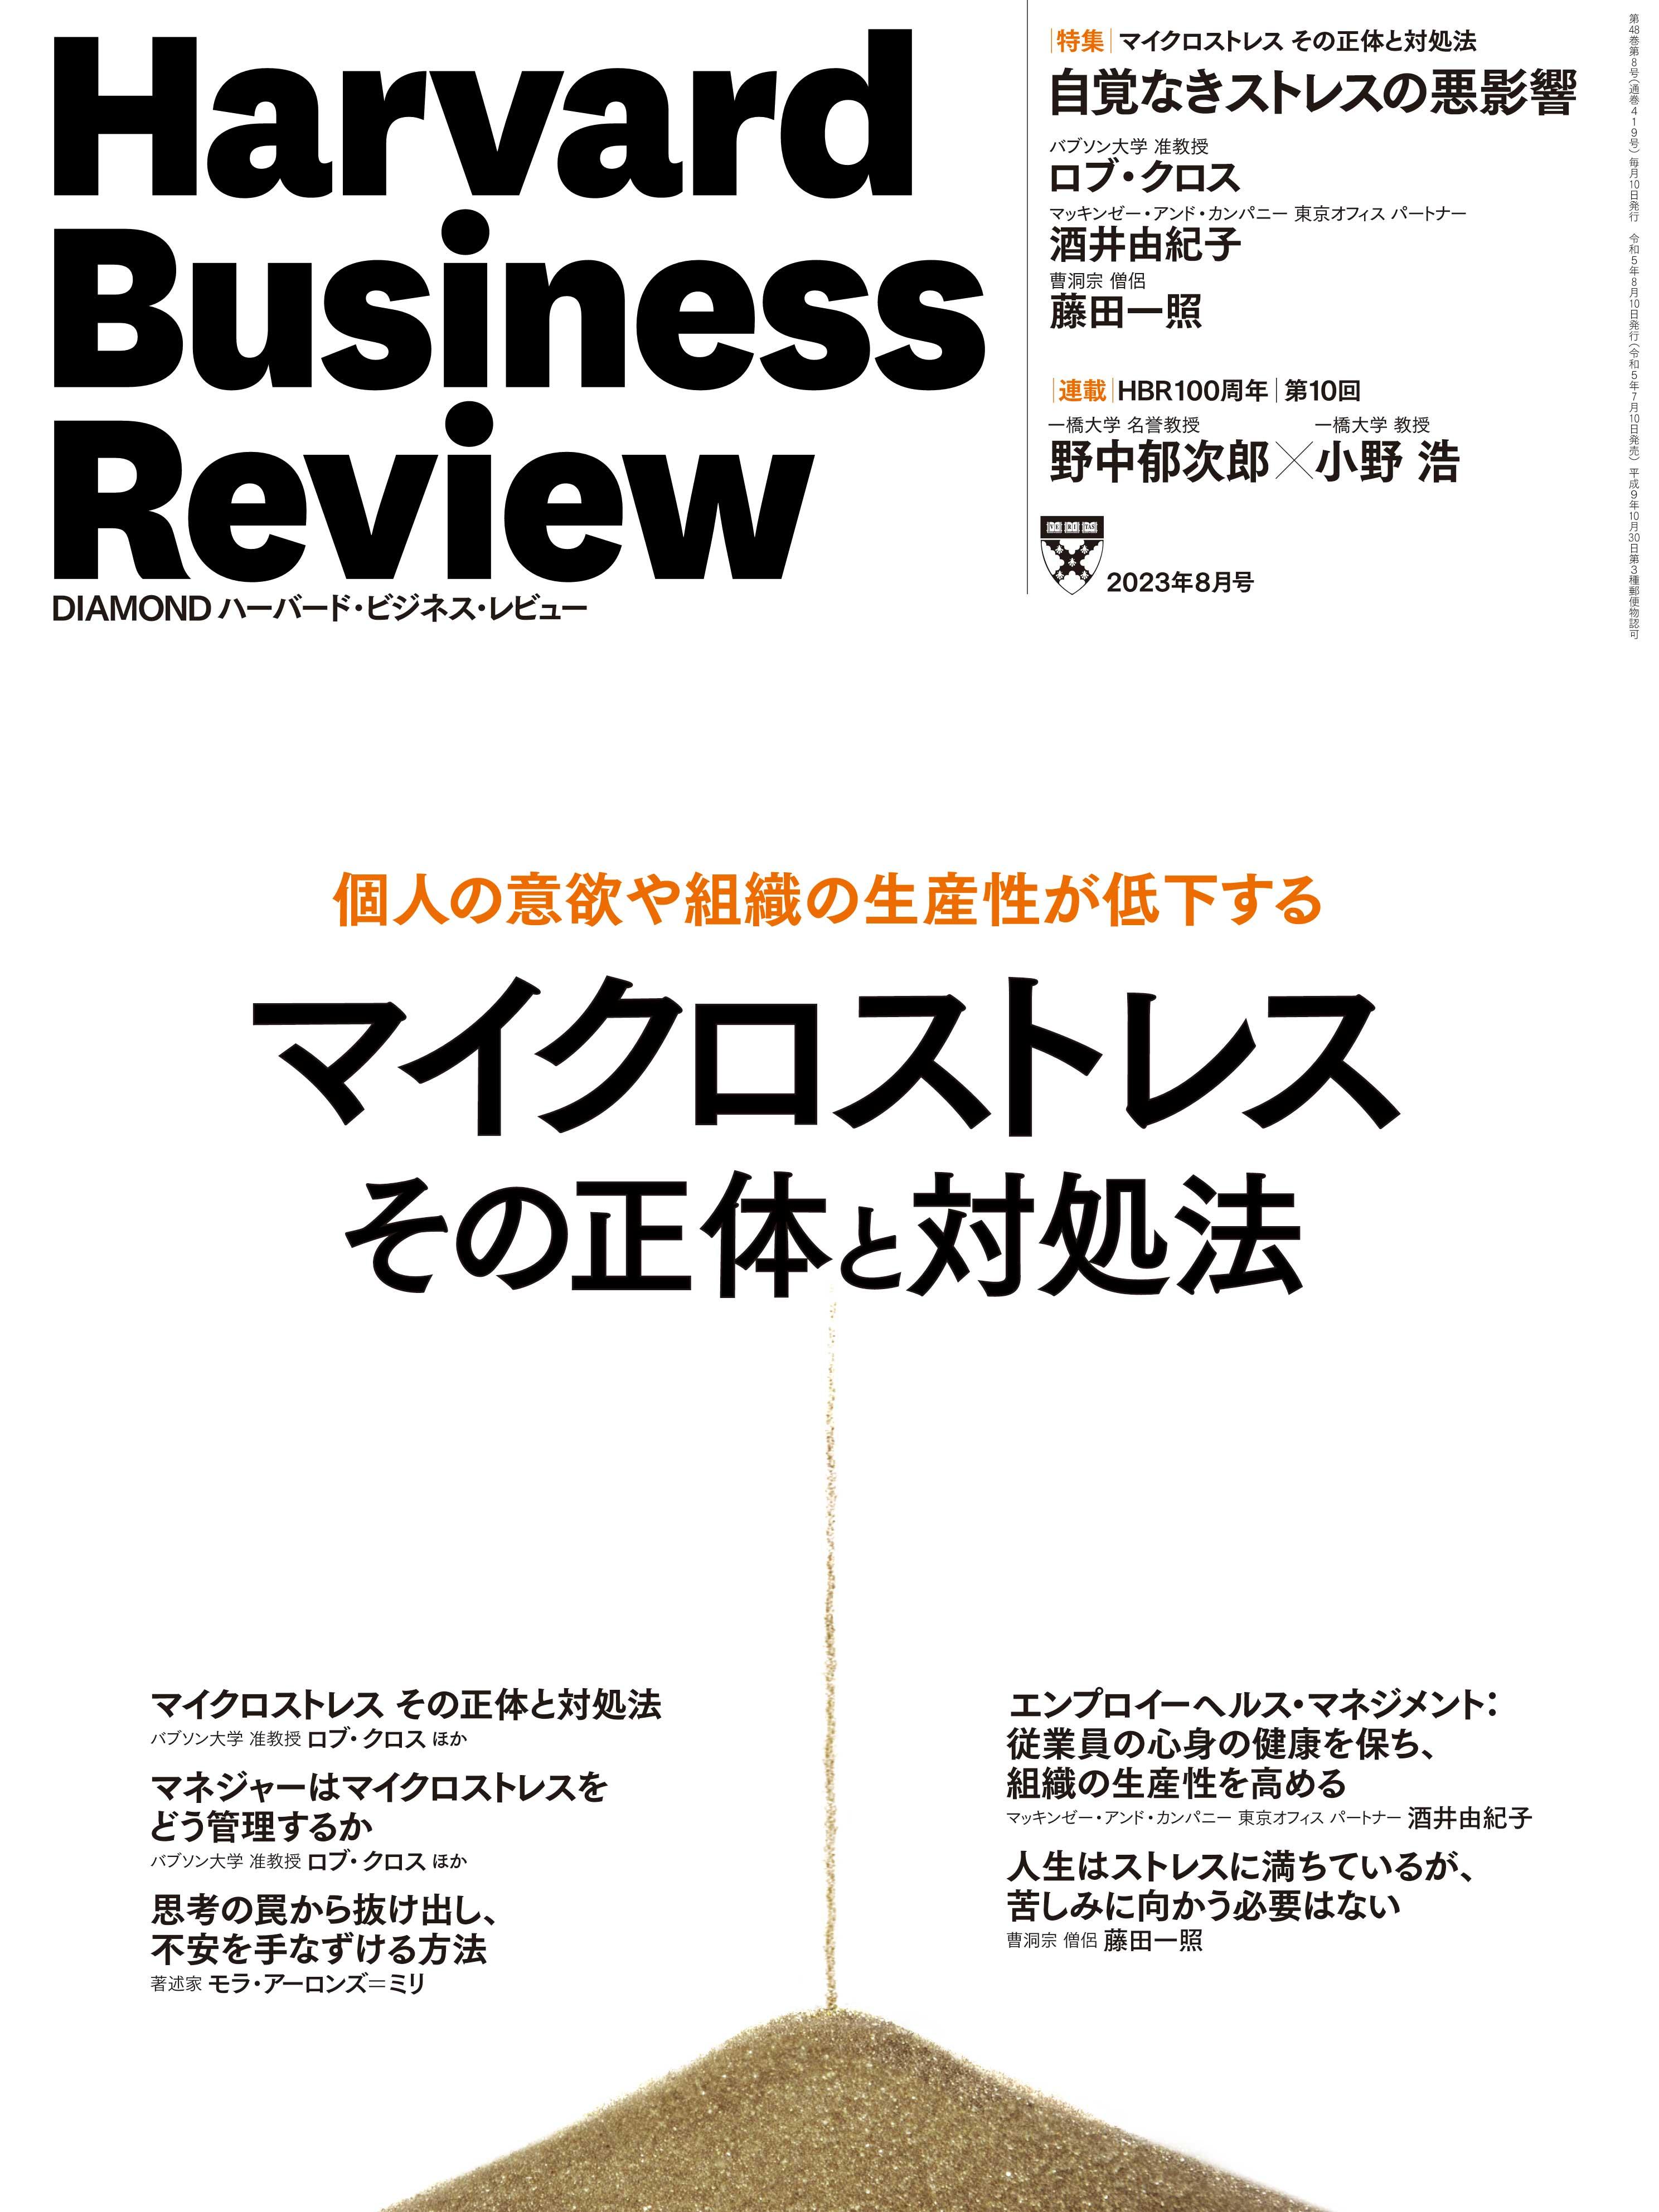 DIAMOND ハーバード・ビジネス・レビュー 最新号